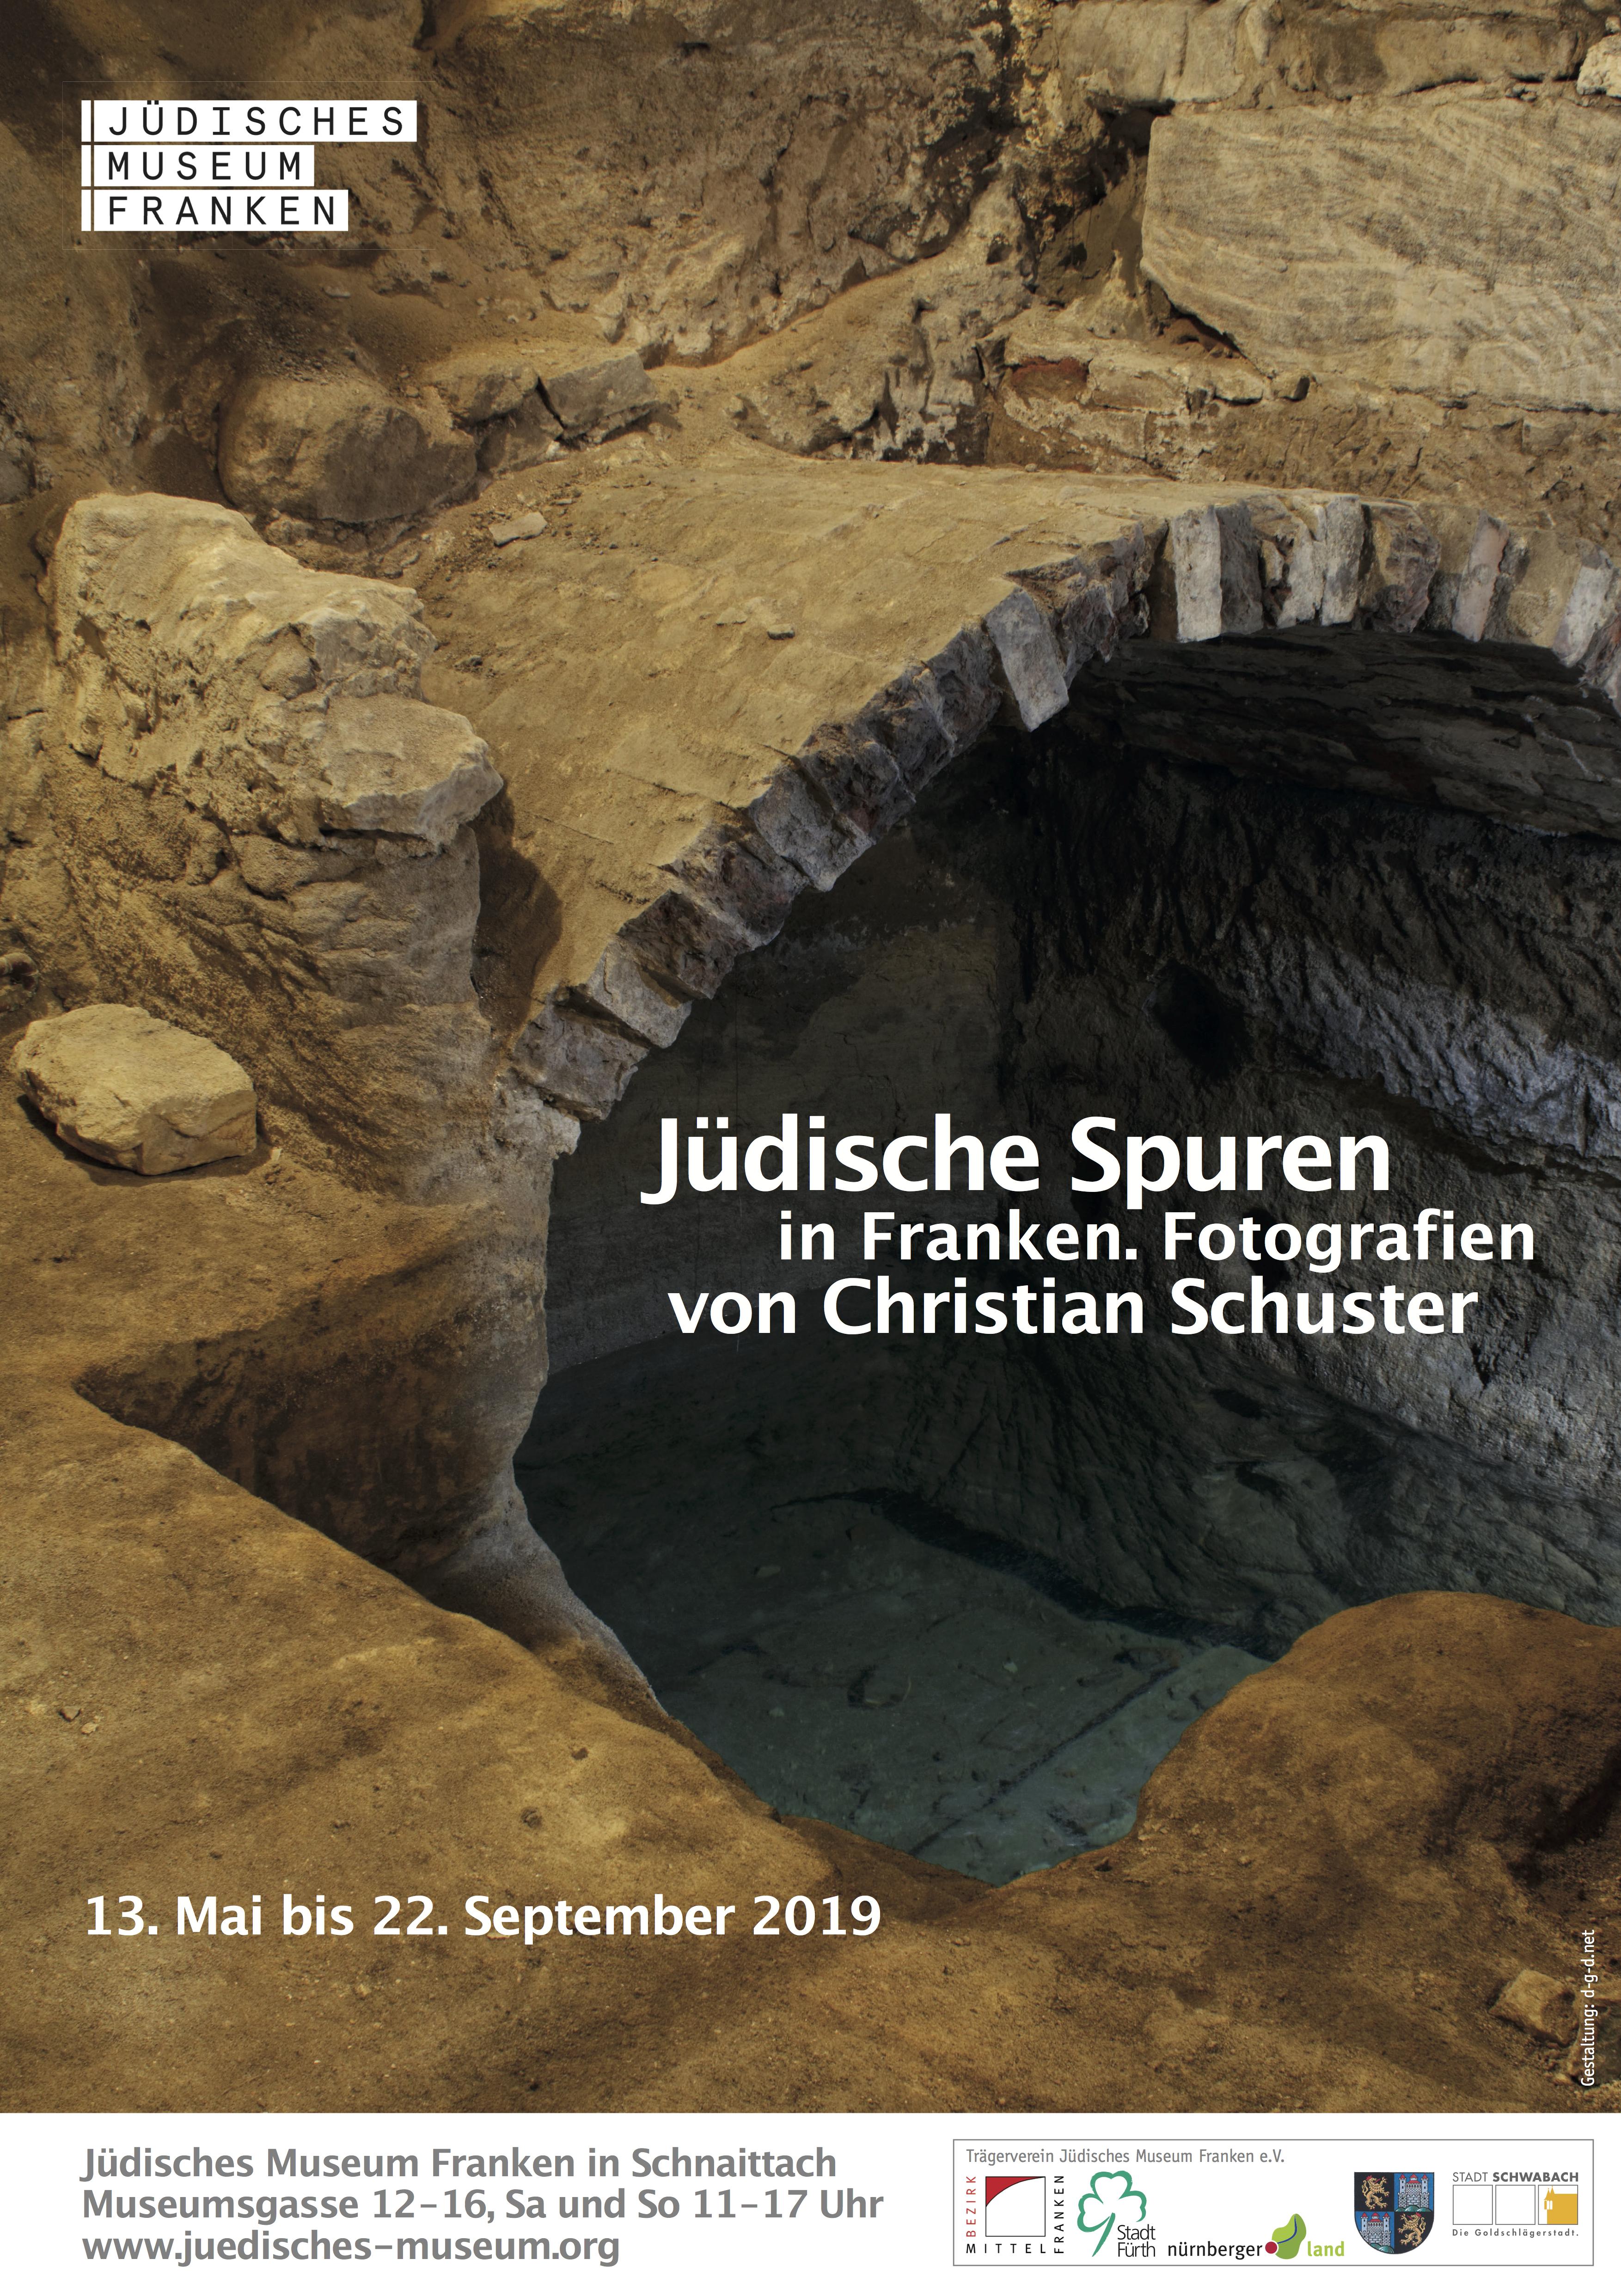 """Plakatmotiv zur Wechselausstellung """"Jüdische Spuren in Franken - Fotografien von Christian Schuster"""" im JMF Schnaittach."""